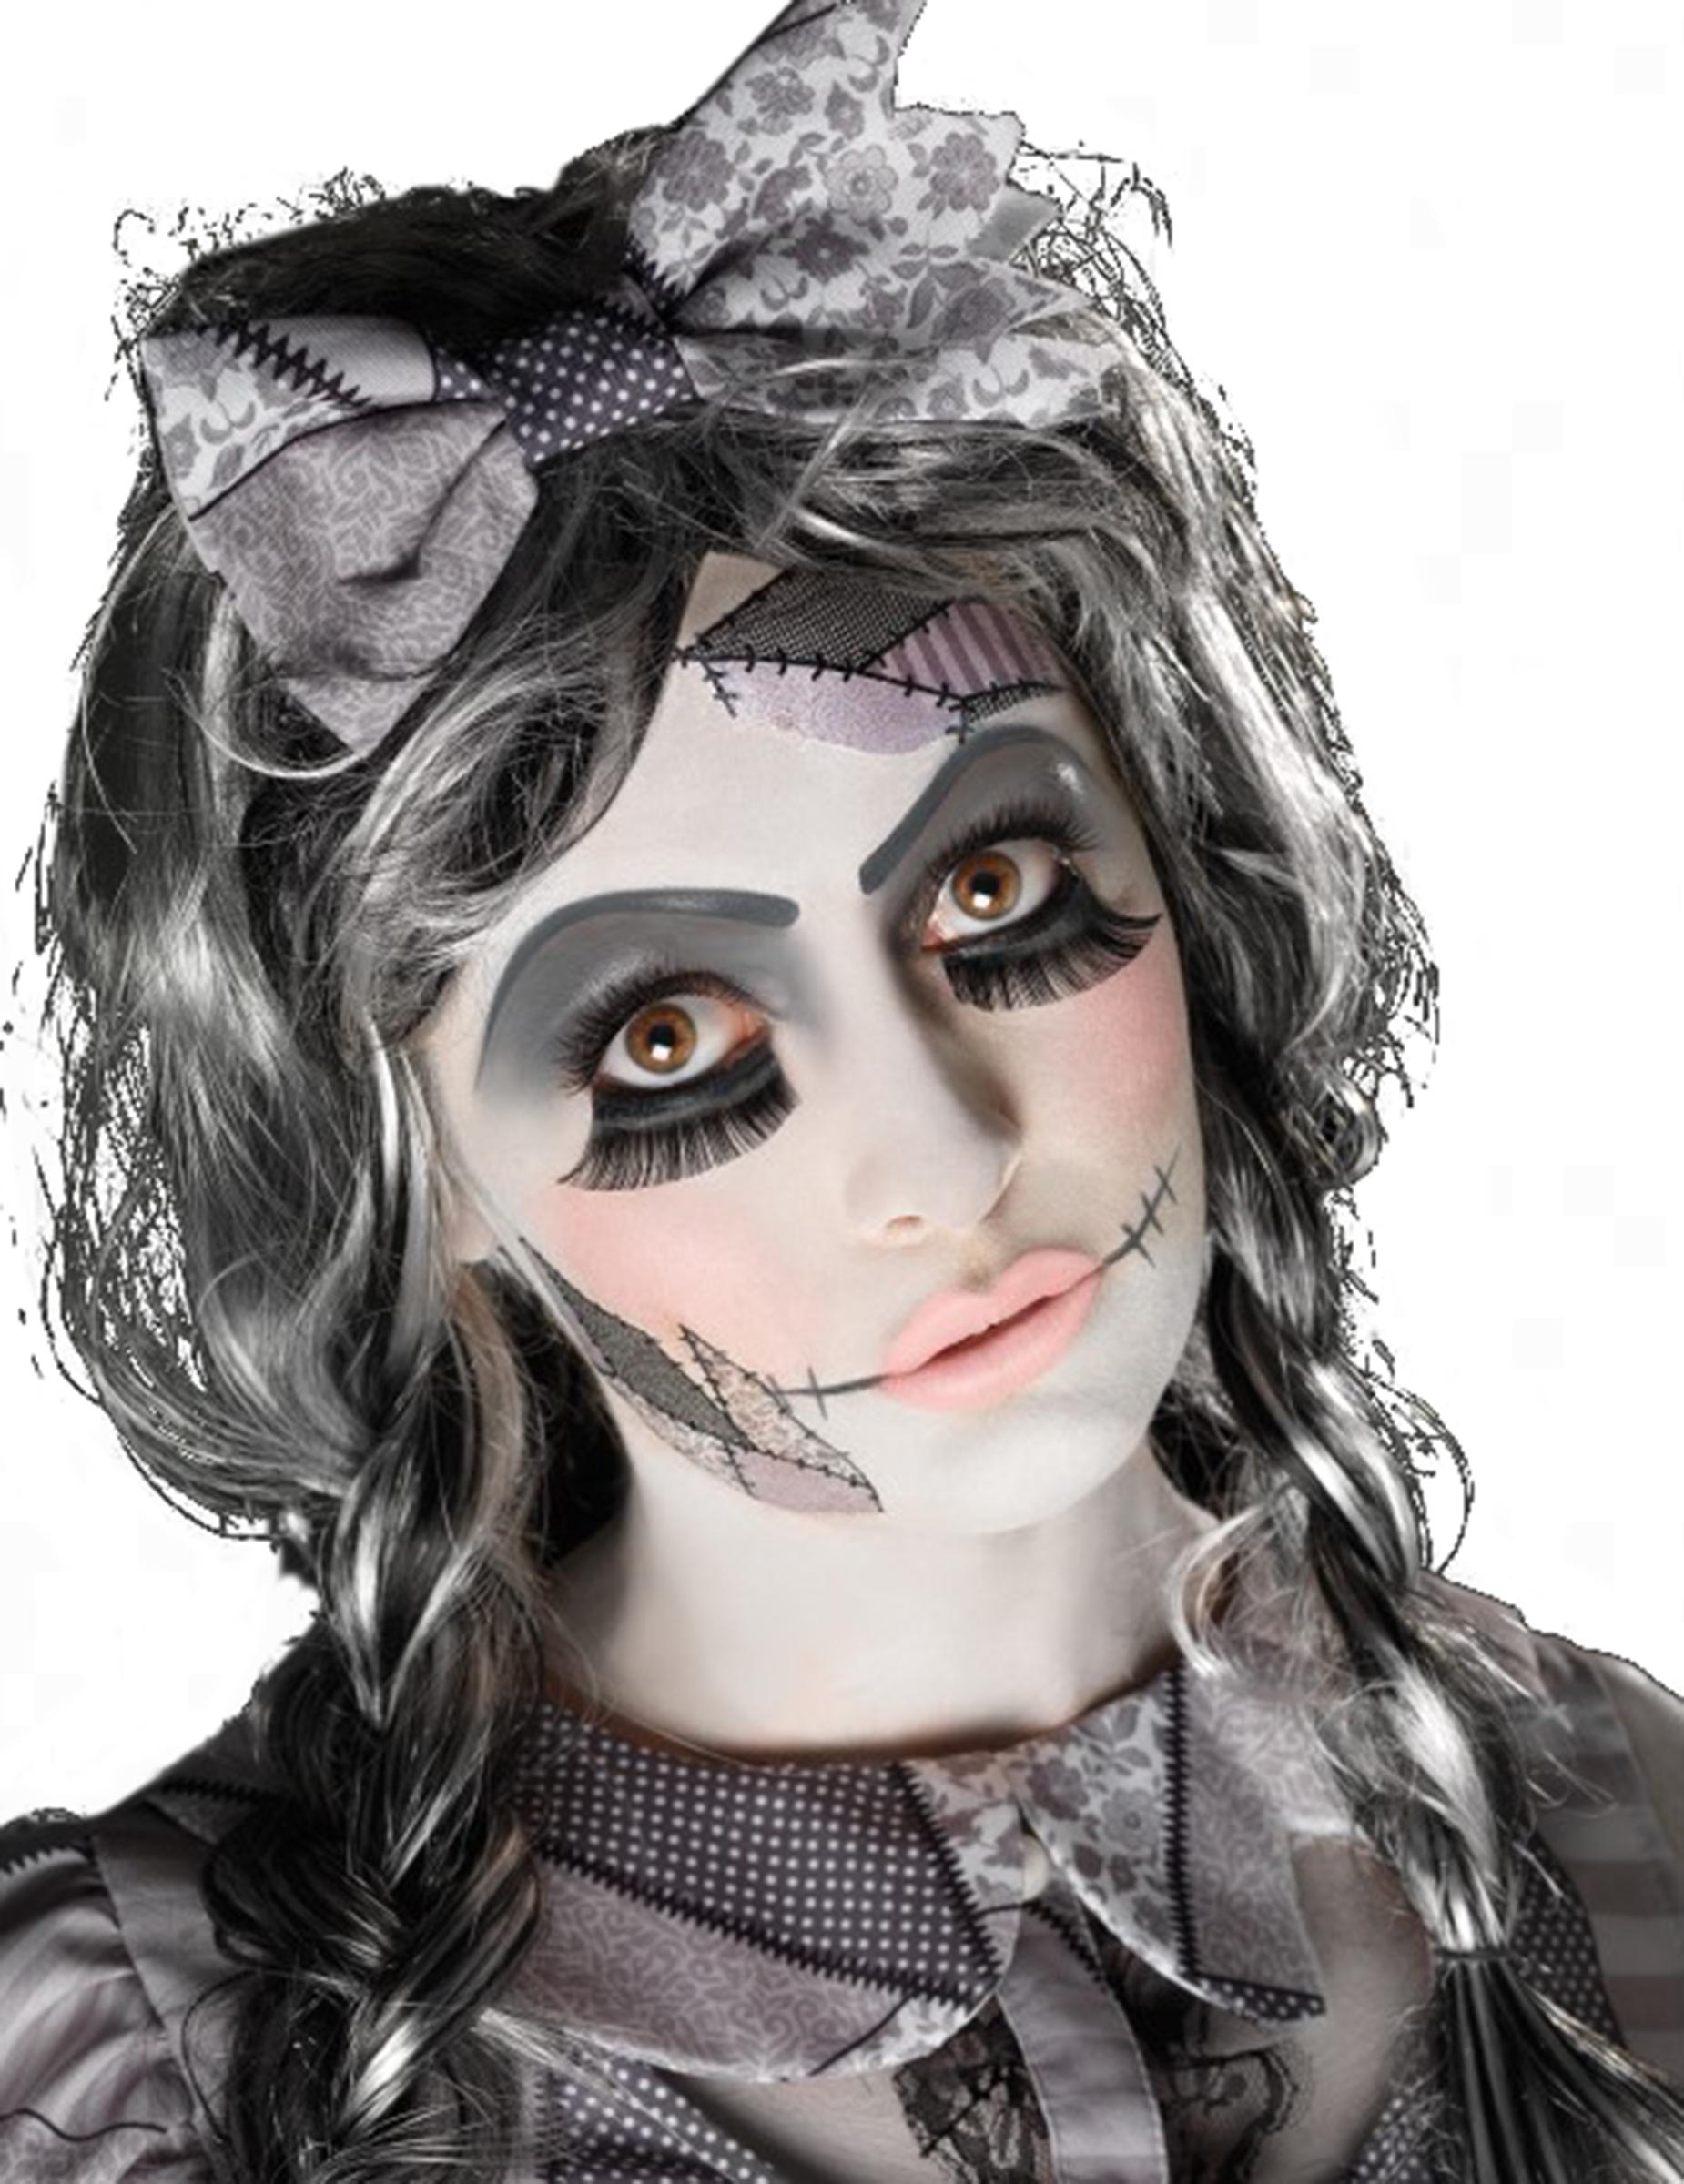 Kit de maquillaje mueca adulto Halloween Maquillaje y disfraces